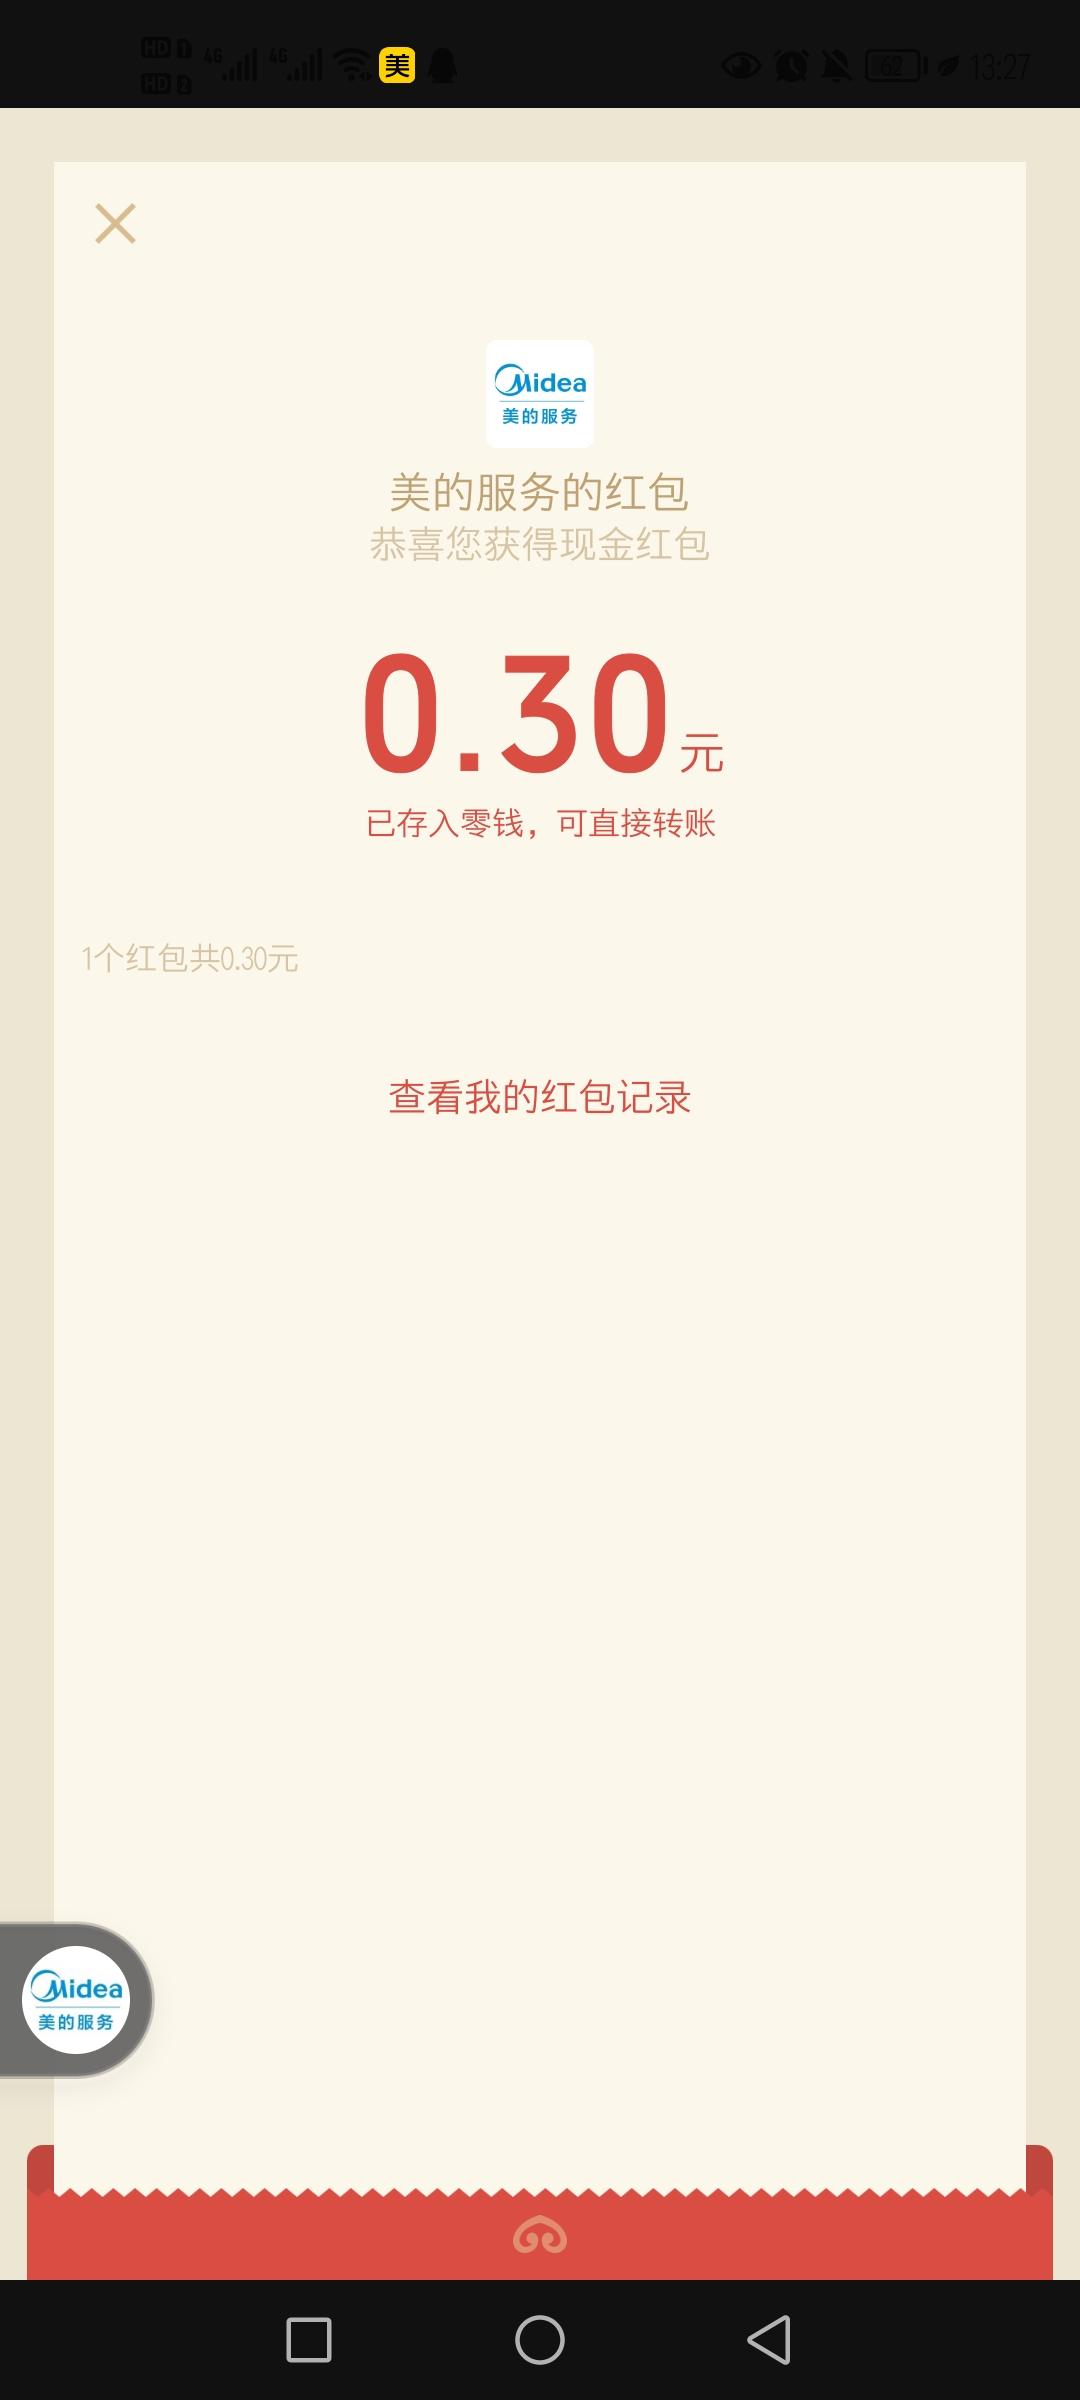 【大红包会员专区】微信公众平台小红包插图1